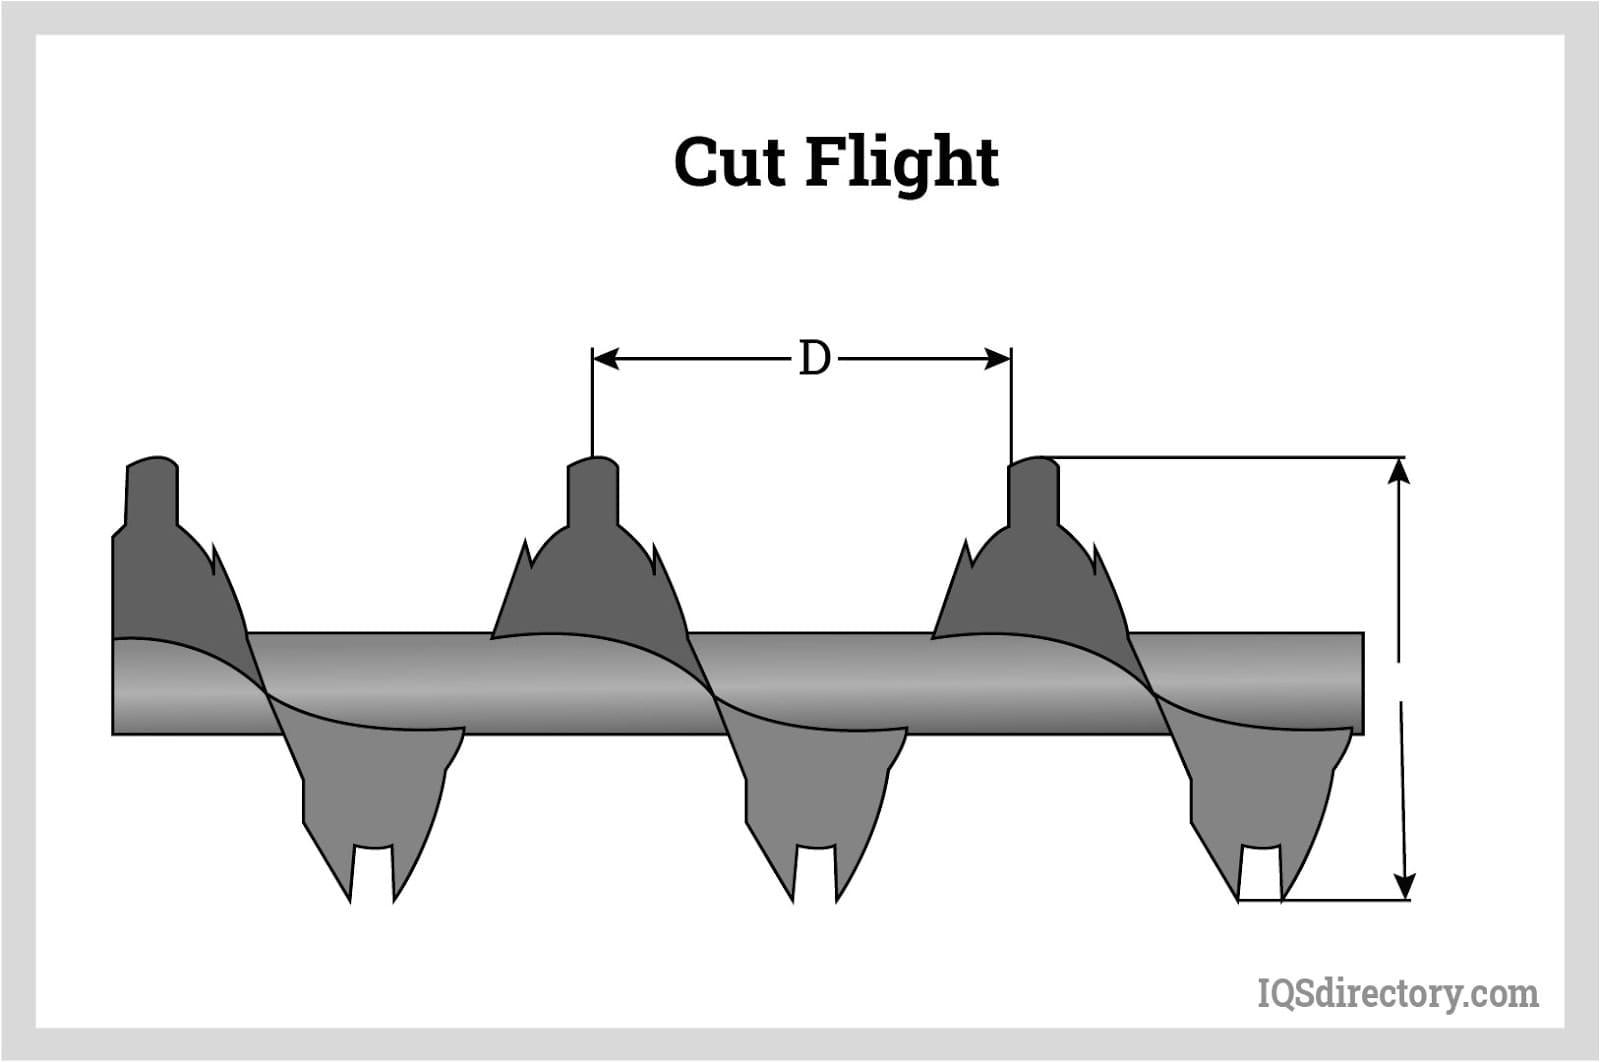 Cut Flight